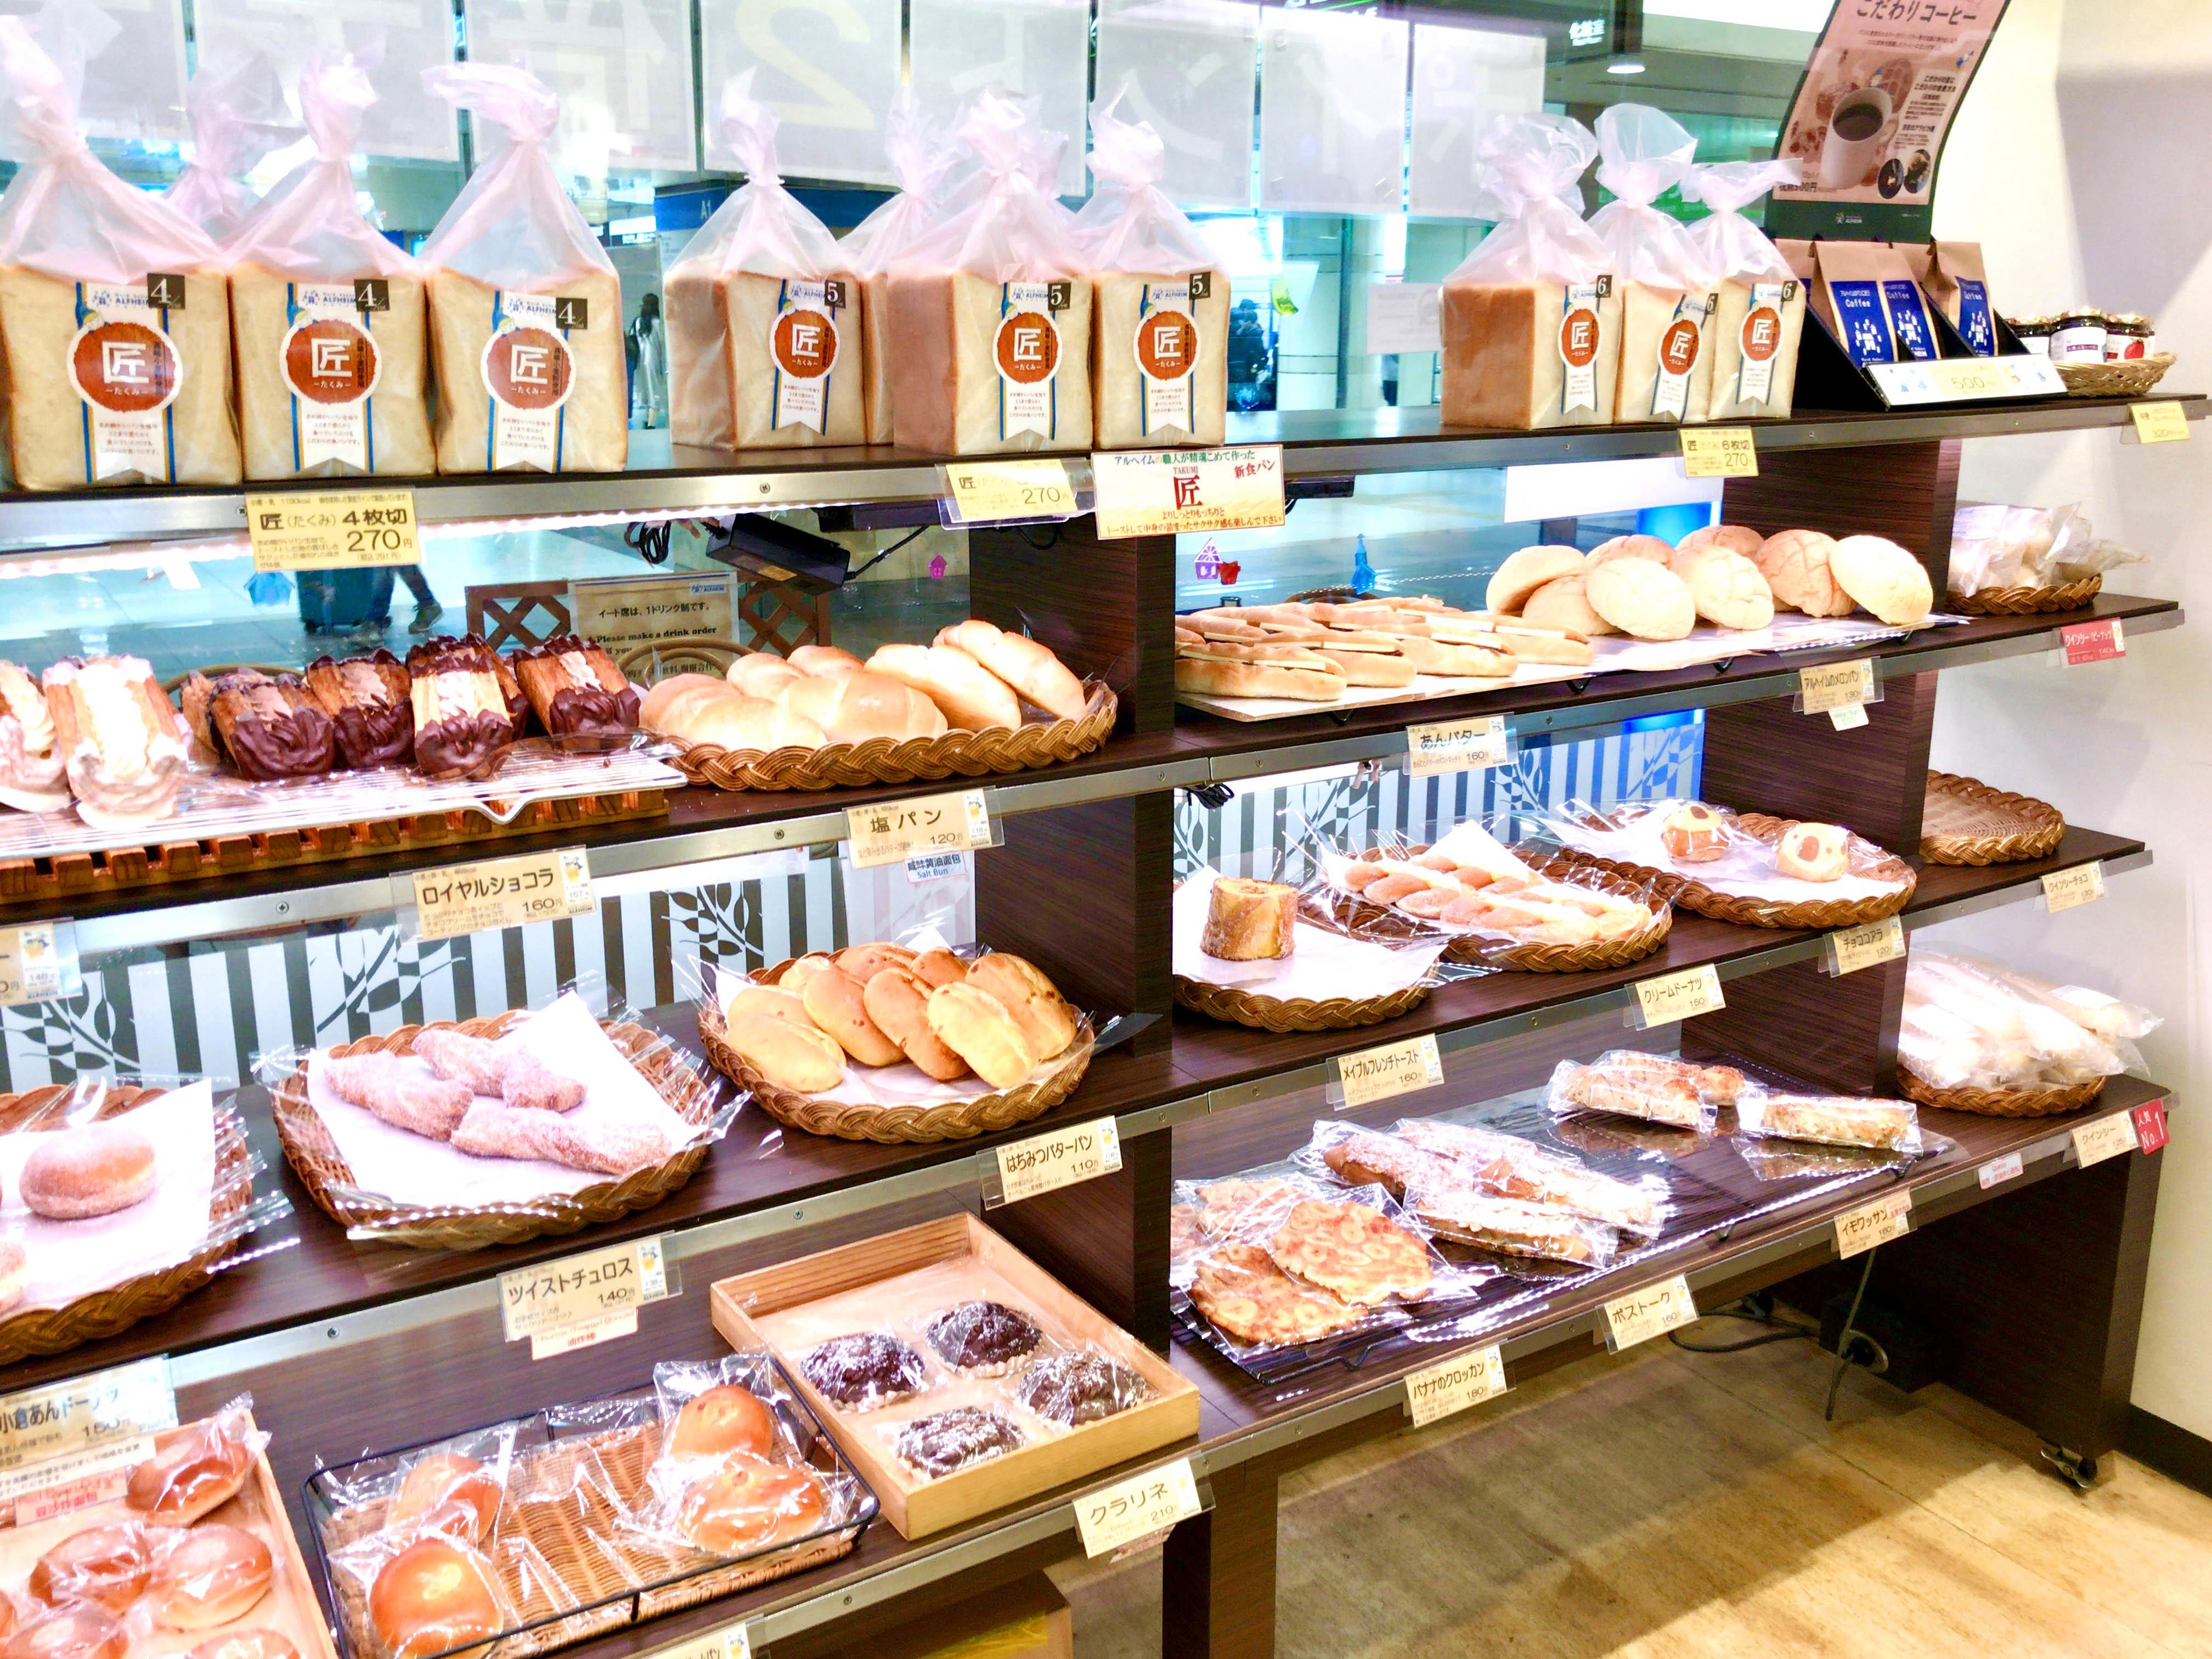 陳列されたパン2